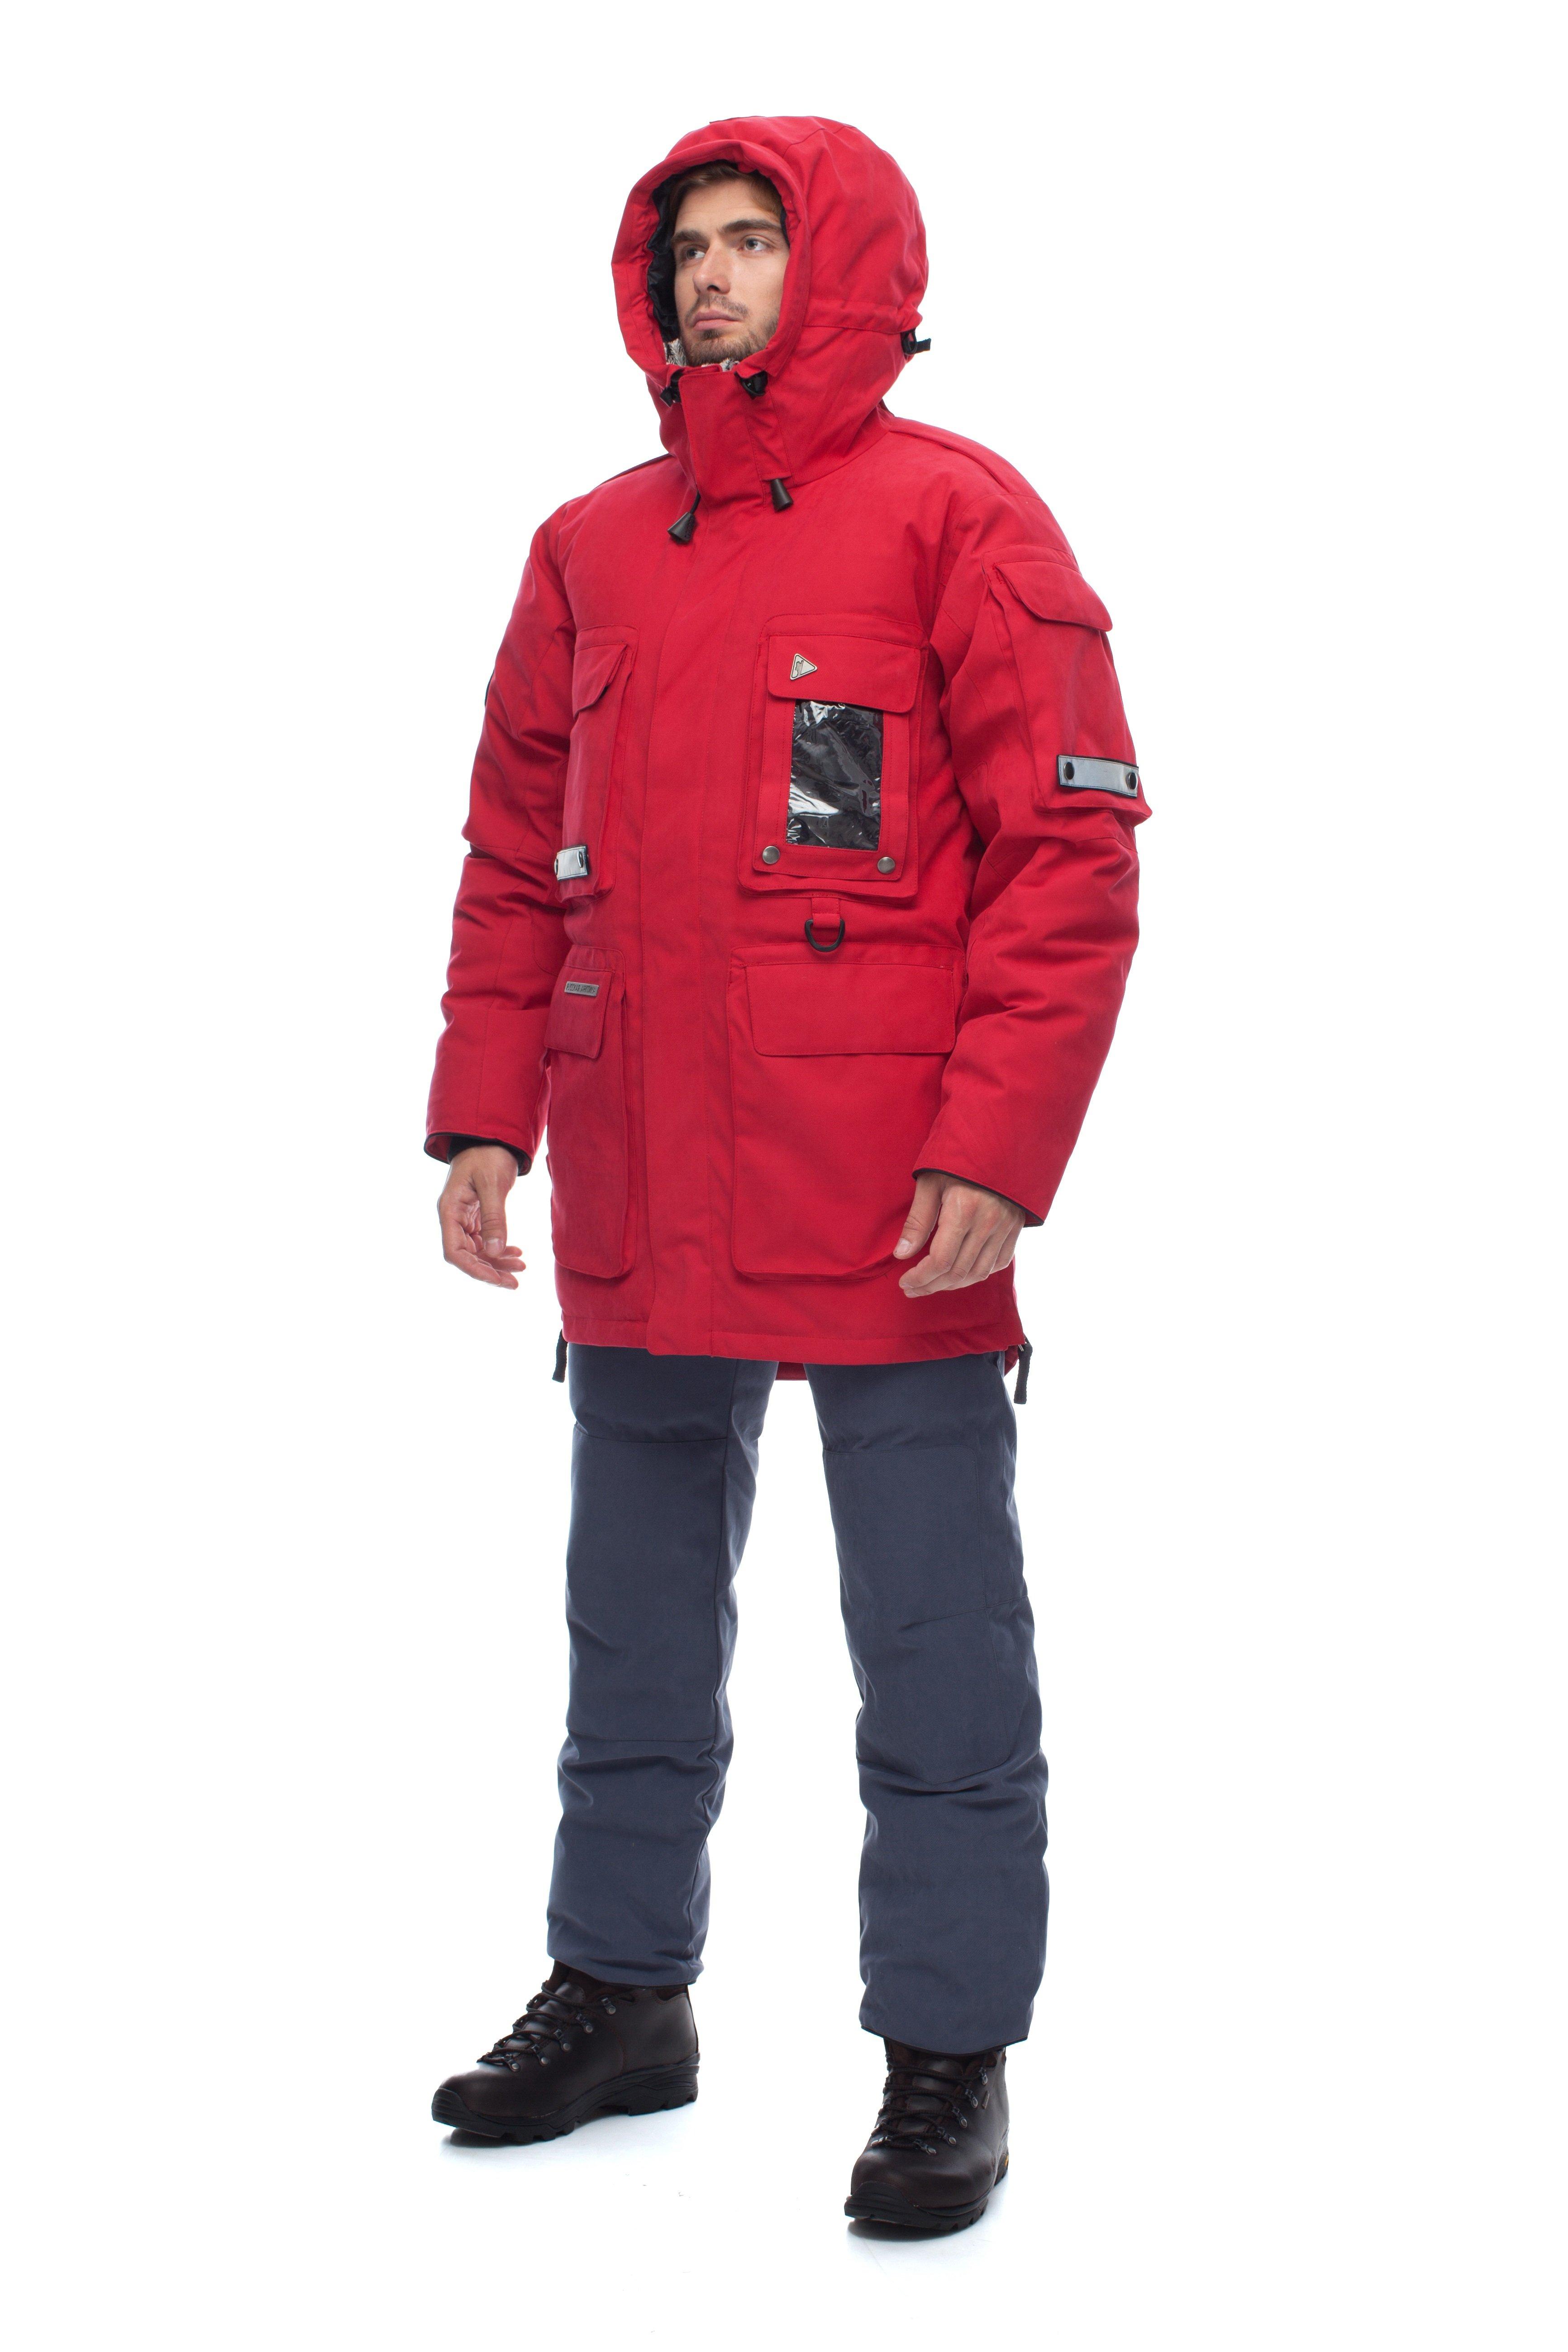 Куртка BASK ANABAR 1476Куртки<br><br><br>&quot;Дышащие&quot; свойства: Да<br>Верхняя ткань: Advance® Alaska<br>Вес граммы: 2530<br>Вес утеплителя: 400<br>Ветро-влагозащитные свойства верхней ткани: Да<br>Ветрозащитная планка: Да<br>Ветрозащитная юбка: Да<br>Влагозащитные молнии: Нет<br>Внутренние манжеты: Да<br>Внутренняя ткань: Advance® Classic<br>Водонепроницаемость: 10000<br>Дублирующий центральную молнию клапан: Да<br>Защитный козырёк капюшона: Нет<br>Капюшон: Несъемный<br>Карман для средств связи: Да<br>Количество внешних карманов: 7<br>Количество внутренних карманов: 6<br>Коллекция: За Полярным Кругом<br>Мембрана: Да<br>Объемный крой локтевой зоны: Да<br>Отстёгивающиеся рукава: Нет<br>Паропроницаемость: 5000<br>Пол: Мужской<br>Проклейка швов: Нет<br>Регулировка манжетов рукавов: Нет<br>Регулировка низа: Нет<br>Регулировка объёма капюшона: Да<br>Регулировка талии: Да<br>Регулируемые вентиляционные отверстия: Нет<br>Световозвращающая лента: Да<br>Температурный режим: -40<br>Технология Thermal Welding: Нет<br>Технология швов: Простые<br>Тип молнии: Двухзамковая<br>Тип утеплителя: Синтетический<br>Ткань усиления: Нет<br>Усиление контактных зон: Да<br>Утеплитель: Shelter®Sport<br>Размер RU: 48<br>Цвет: ЧЕРНЫЙ